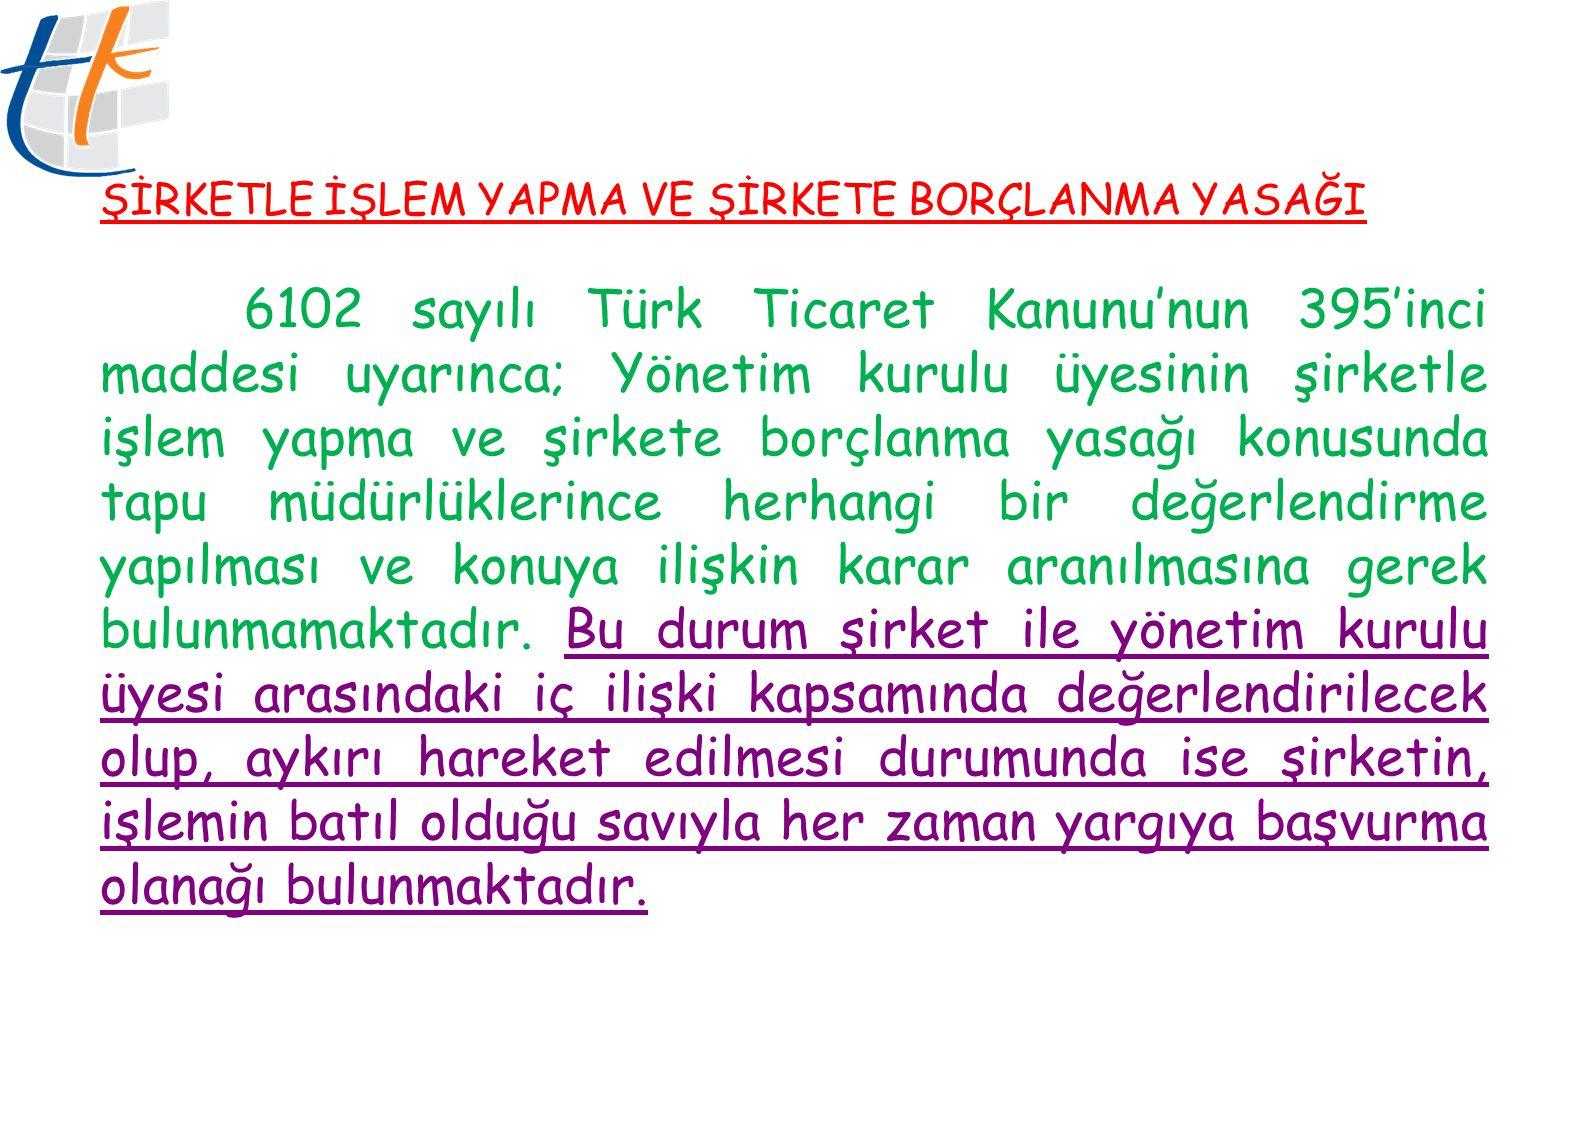 ŞİRKETLE İŞLEM YAPMA VE ŞİRKETE BORÇLANMA YASAĞI 6102 sayılı Türk Ticaret Kanunu'nun 395'inci maddesi uyarınca; Yönetim kurulu üyesinin şirketle işlem